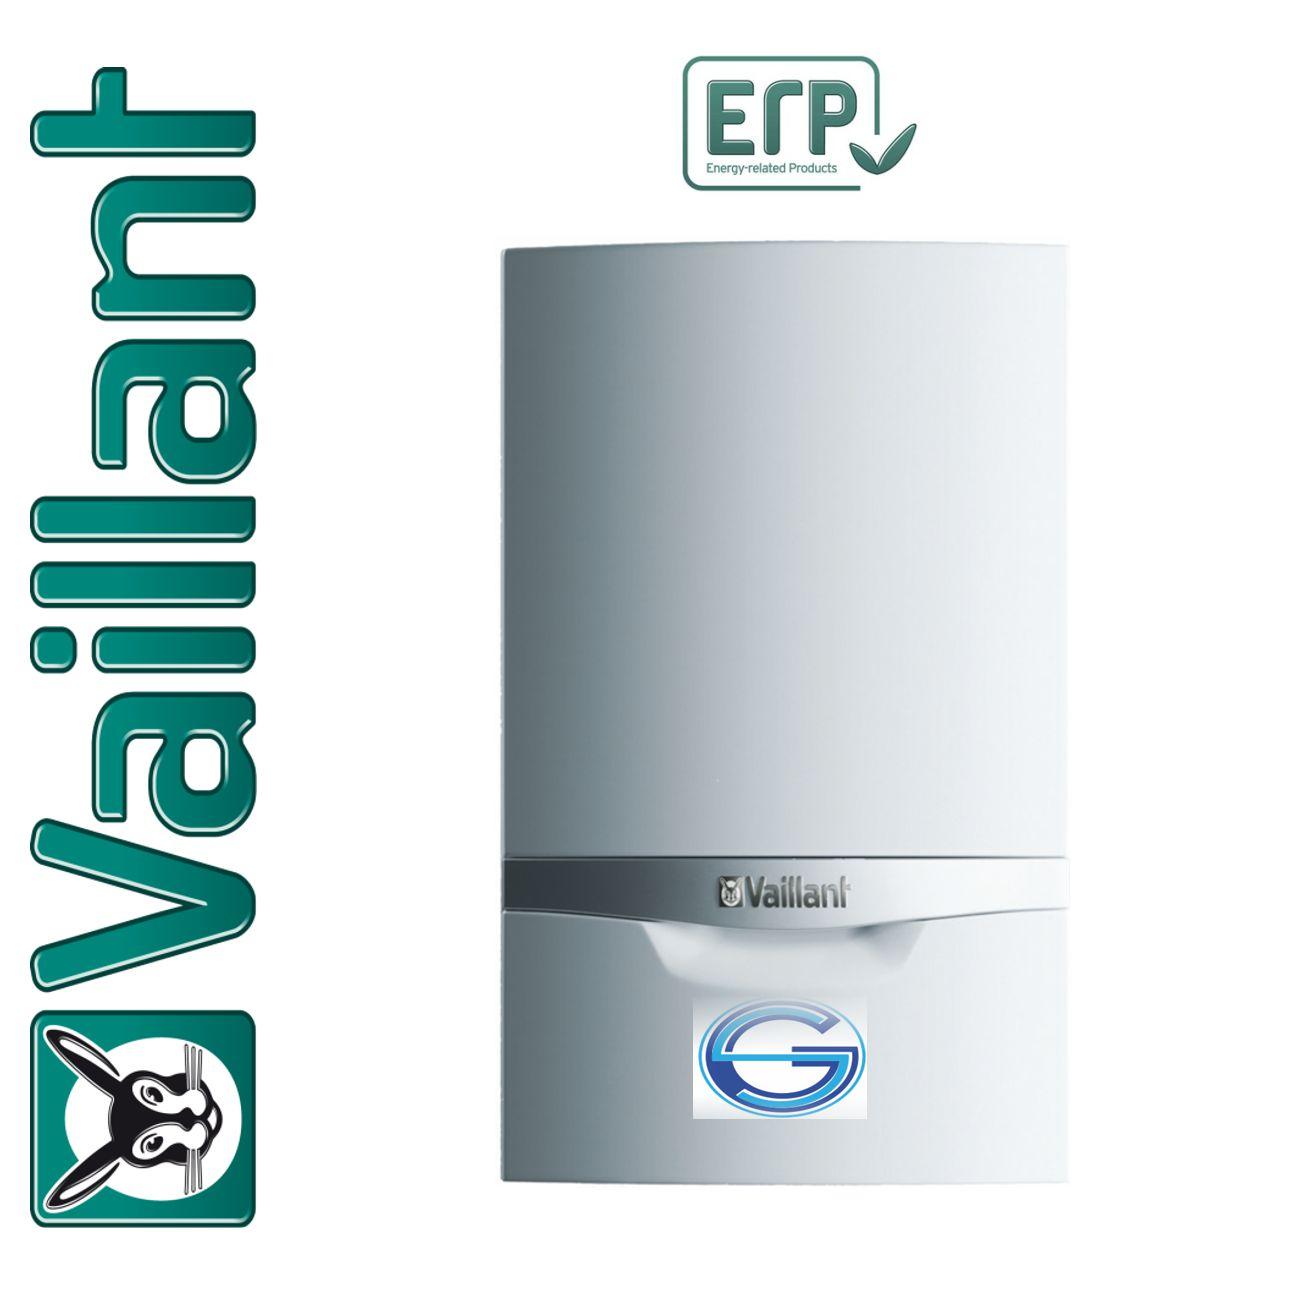 Caldera de gas condensación Vaillant ecoTEC plus VMW 236/5-5 FA  ErP